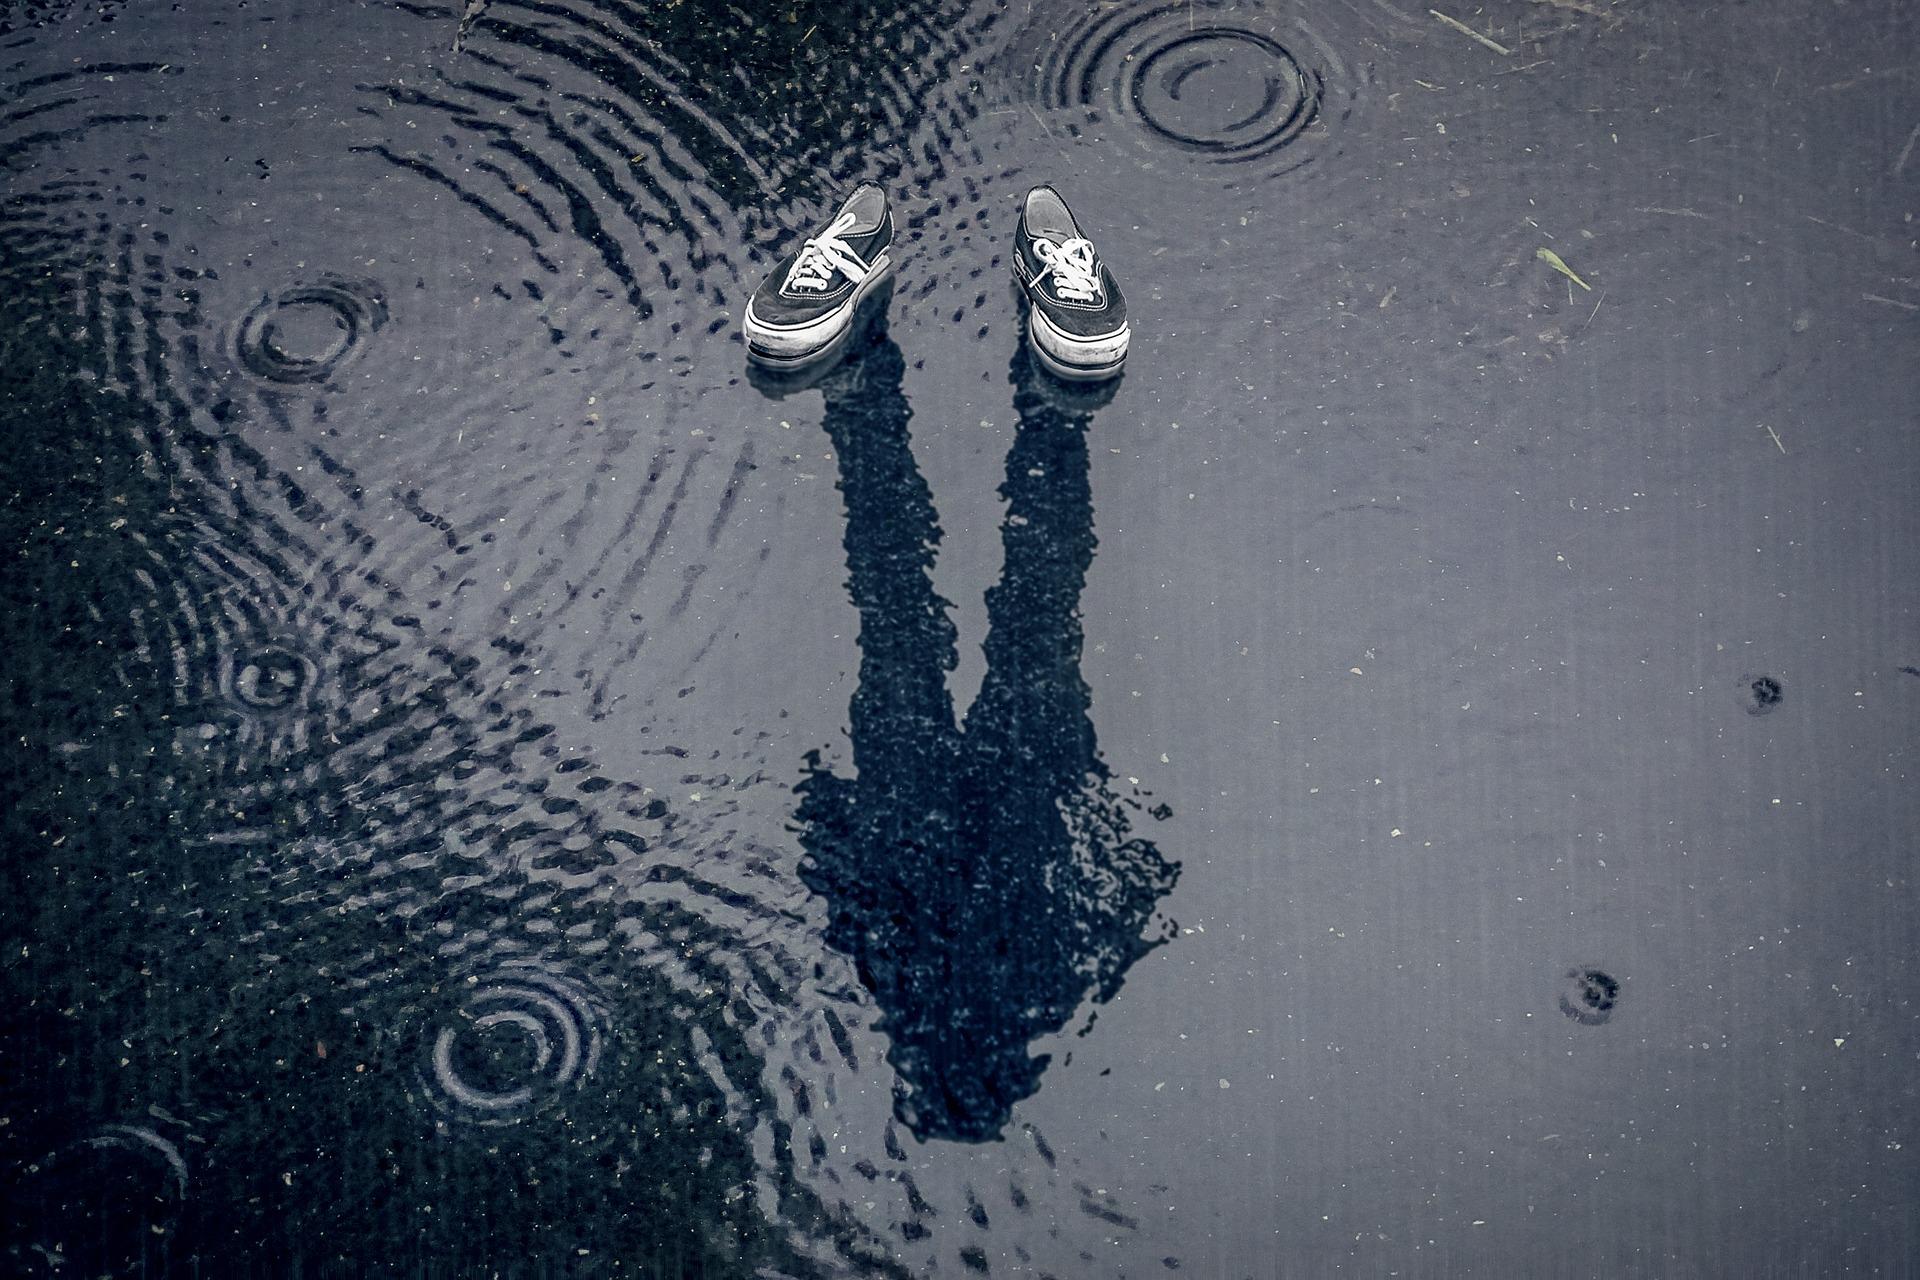 Místo sůl, můžeme klidně říkat, že je déšť nad zlato (ilustrační foto)